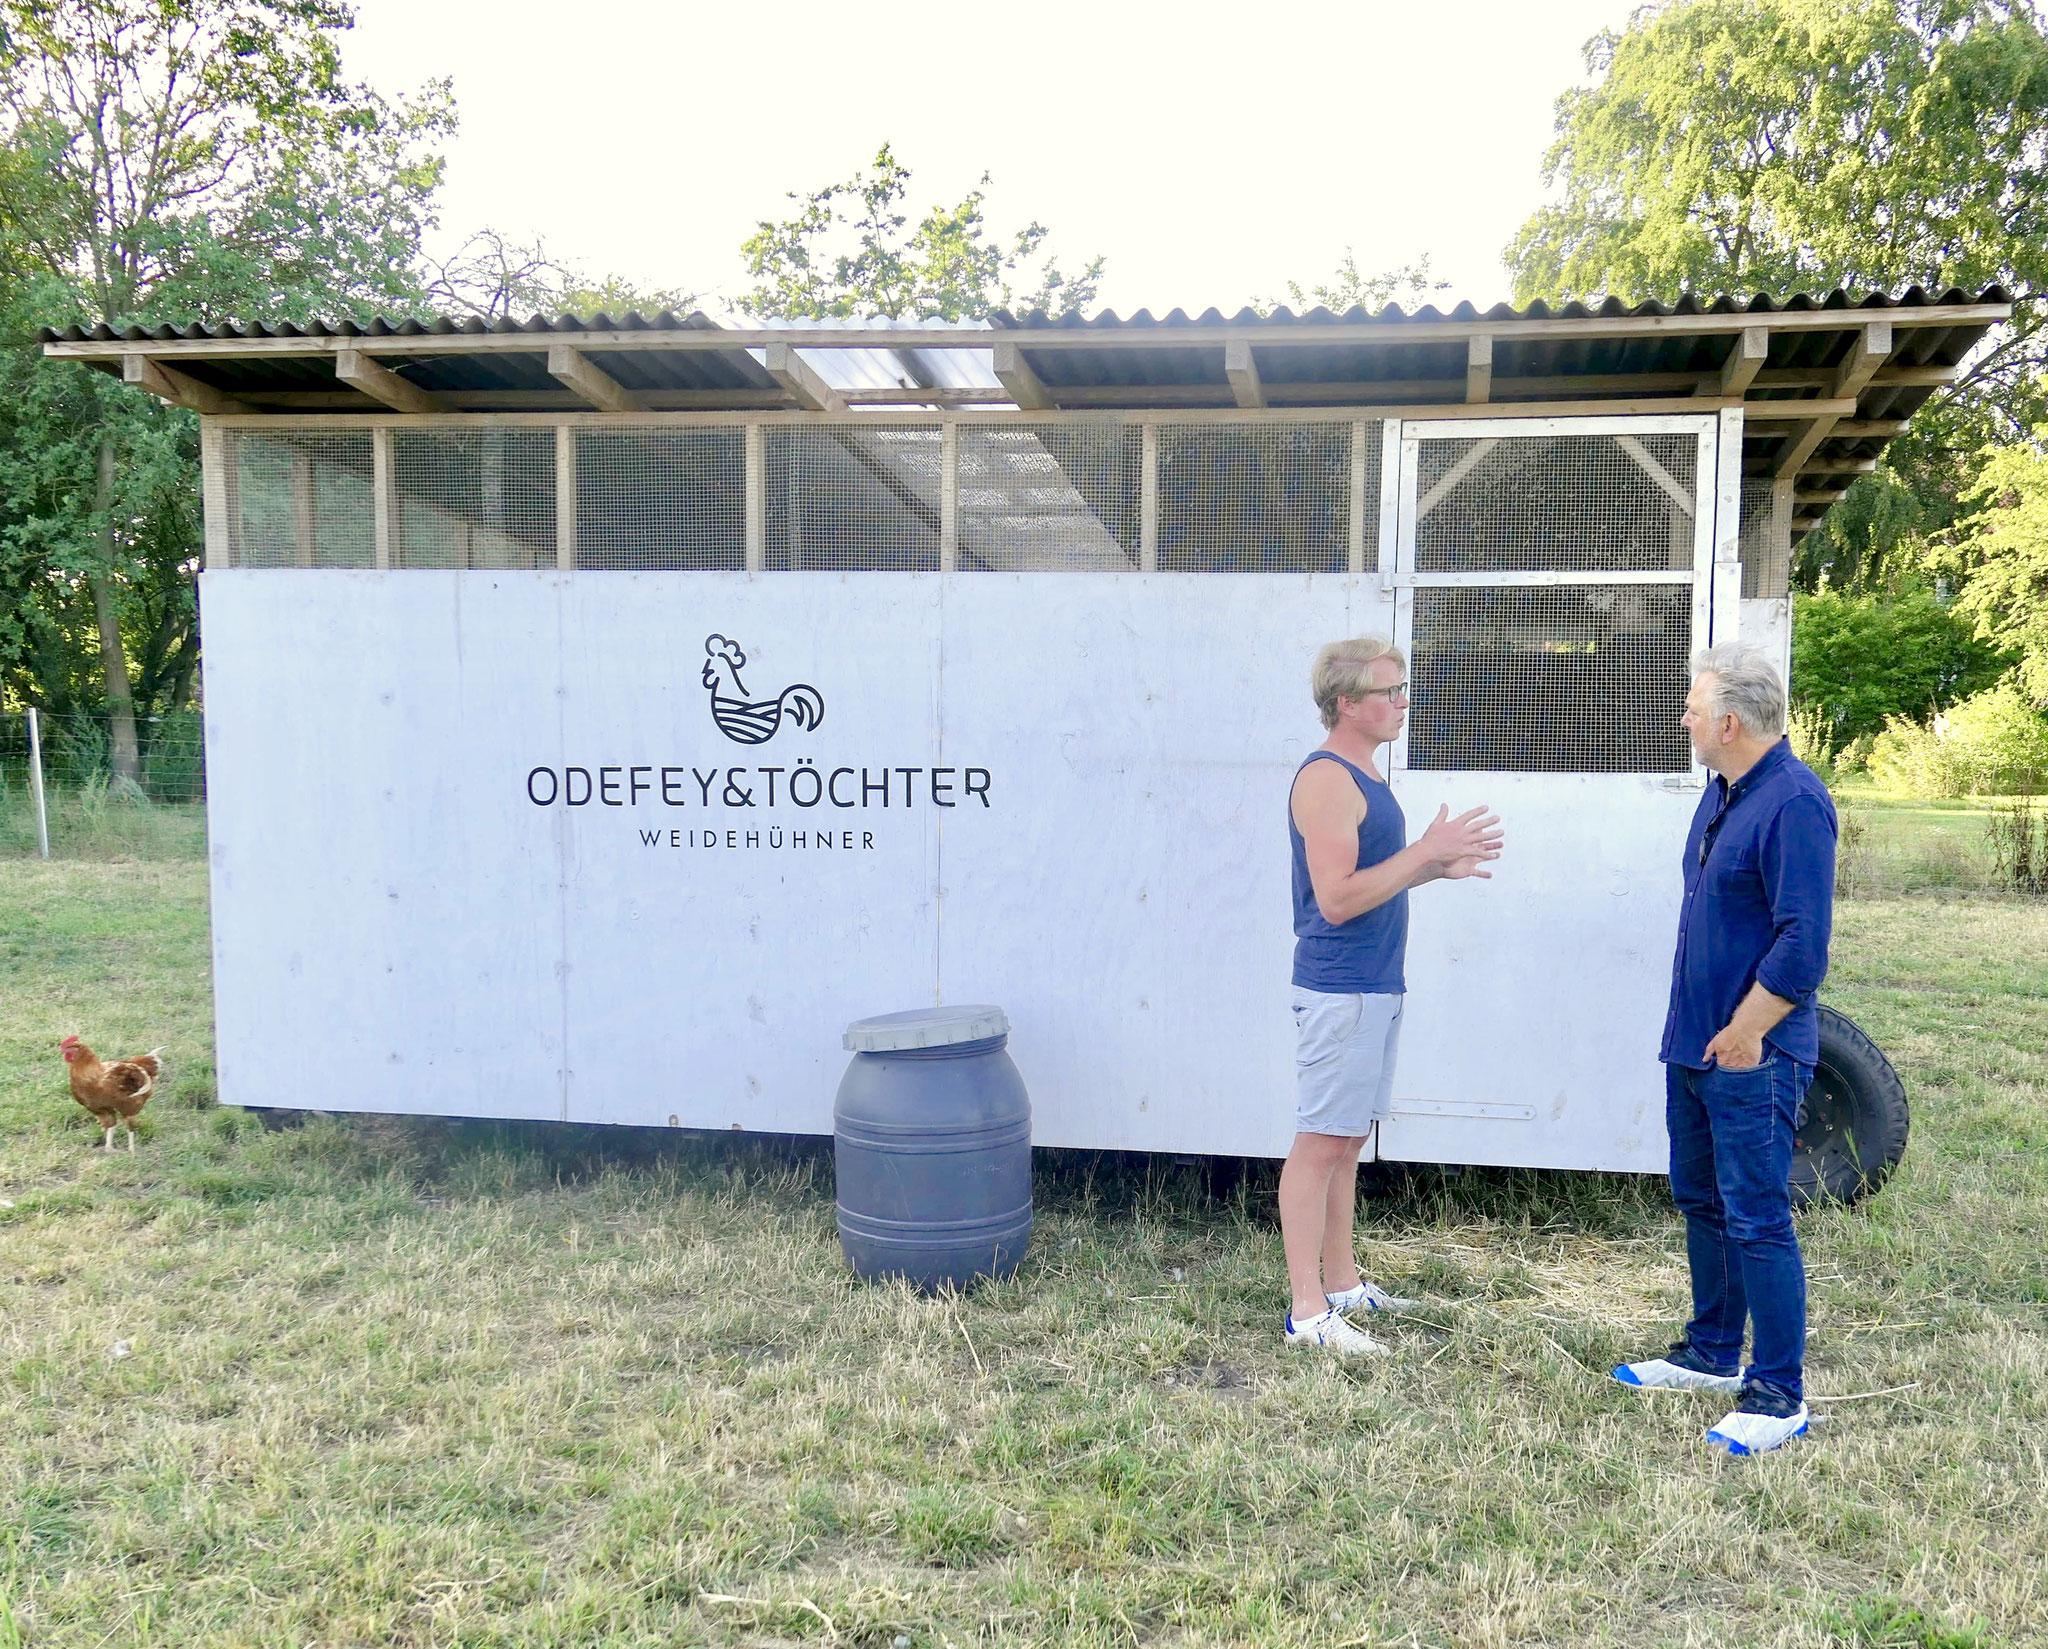 Lars Odefey und Foodtalker Boris Rogosch im Gespräch